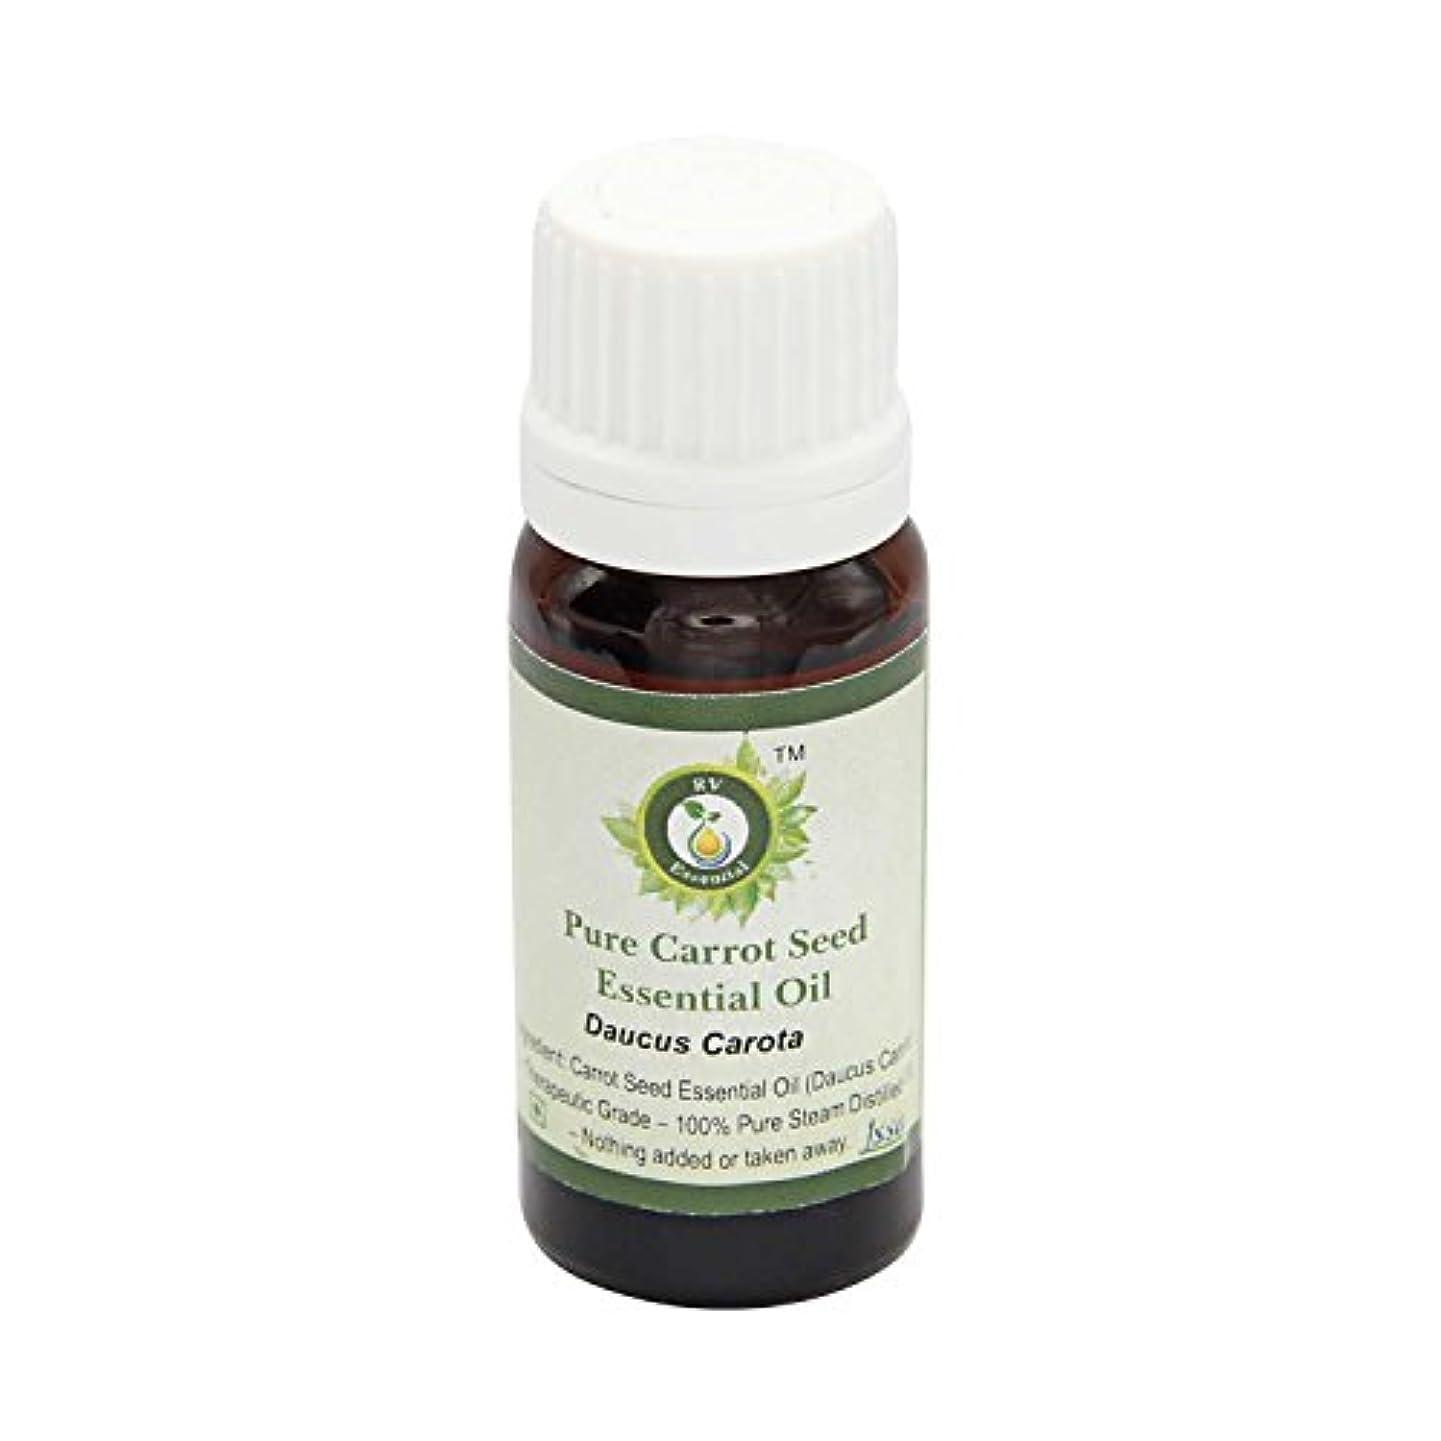 繁栄リフレッシュオープナーR V Essential ピュアキャロットシードエッセンシャルオイル5ml (0.169oz)- Daucus Carota (100%純粋&天然スチームDistilled) Pure Carrot Seed Essential...